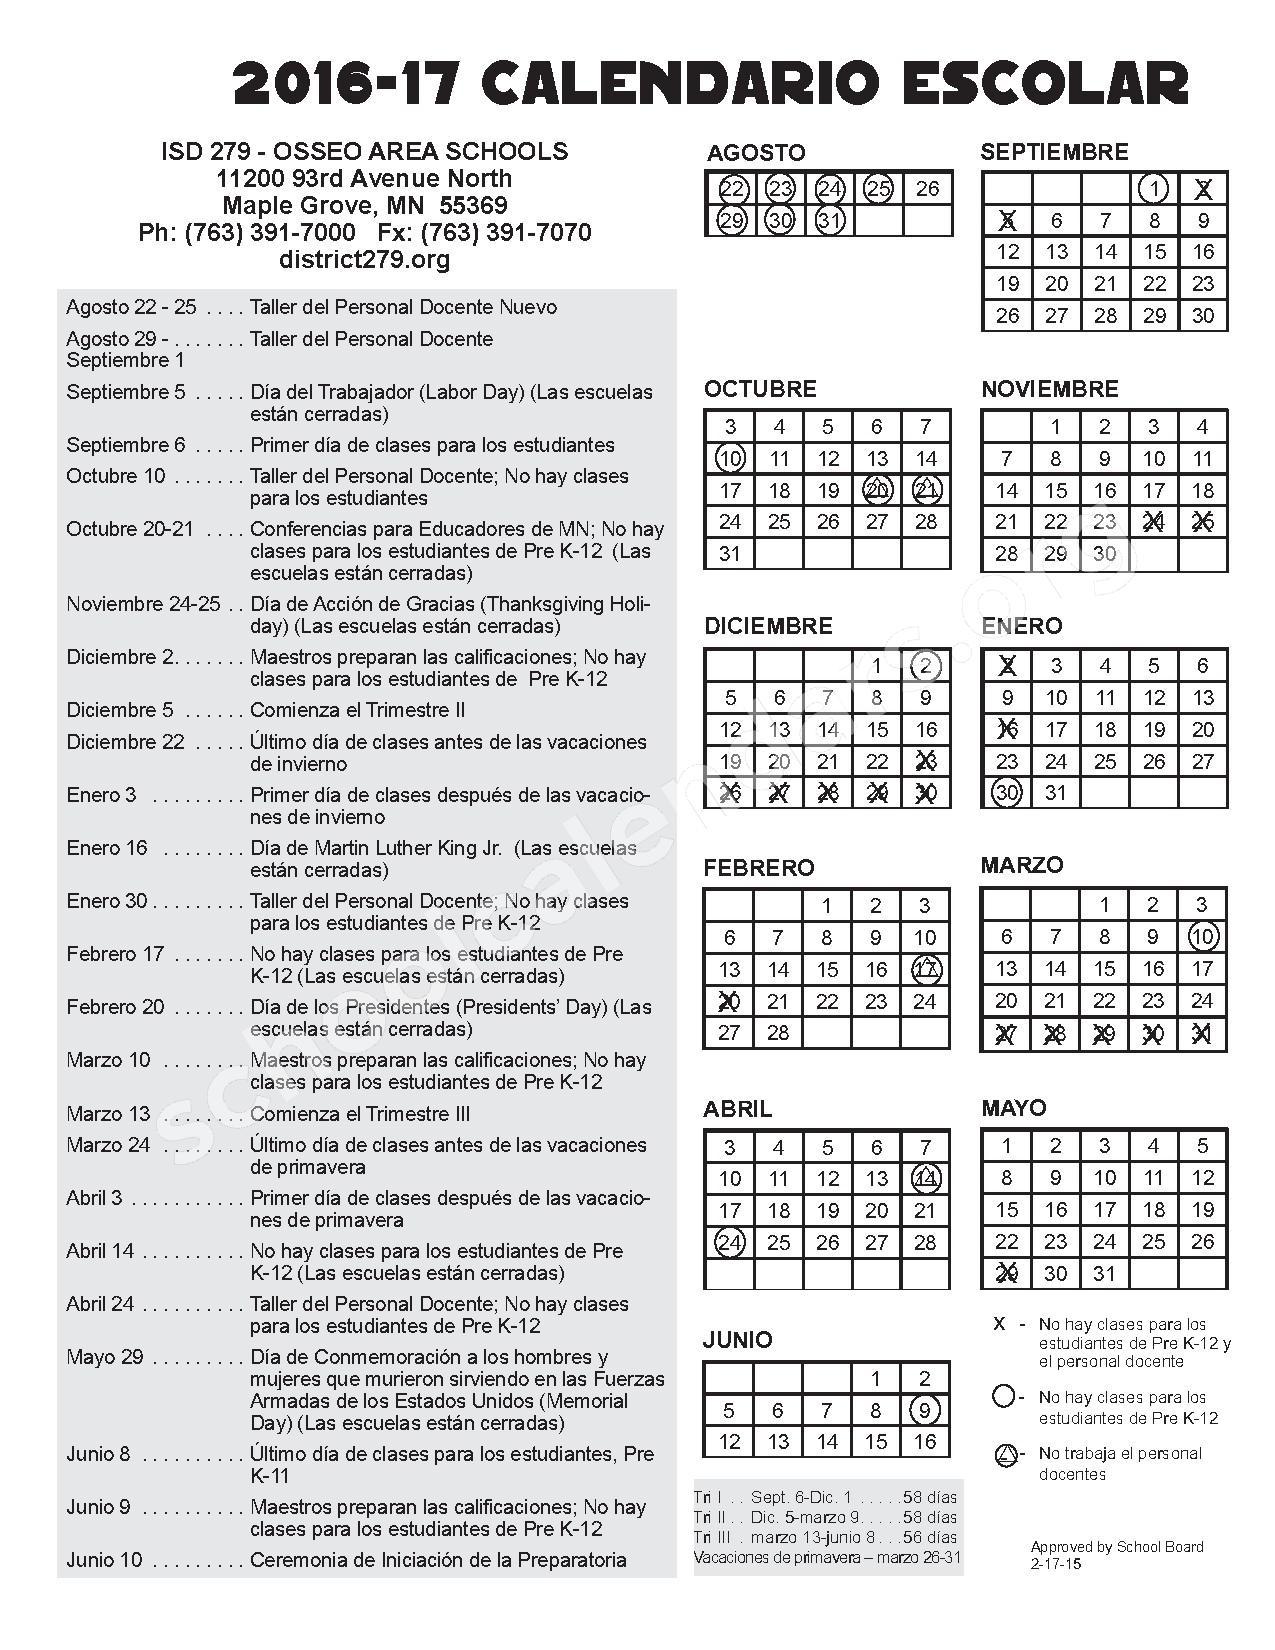 2016 - 2017 Calendario Escolar – Edinbrook Elementary School – page 1